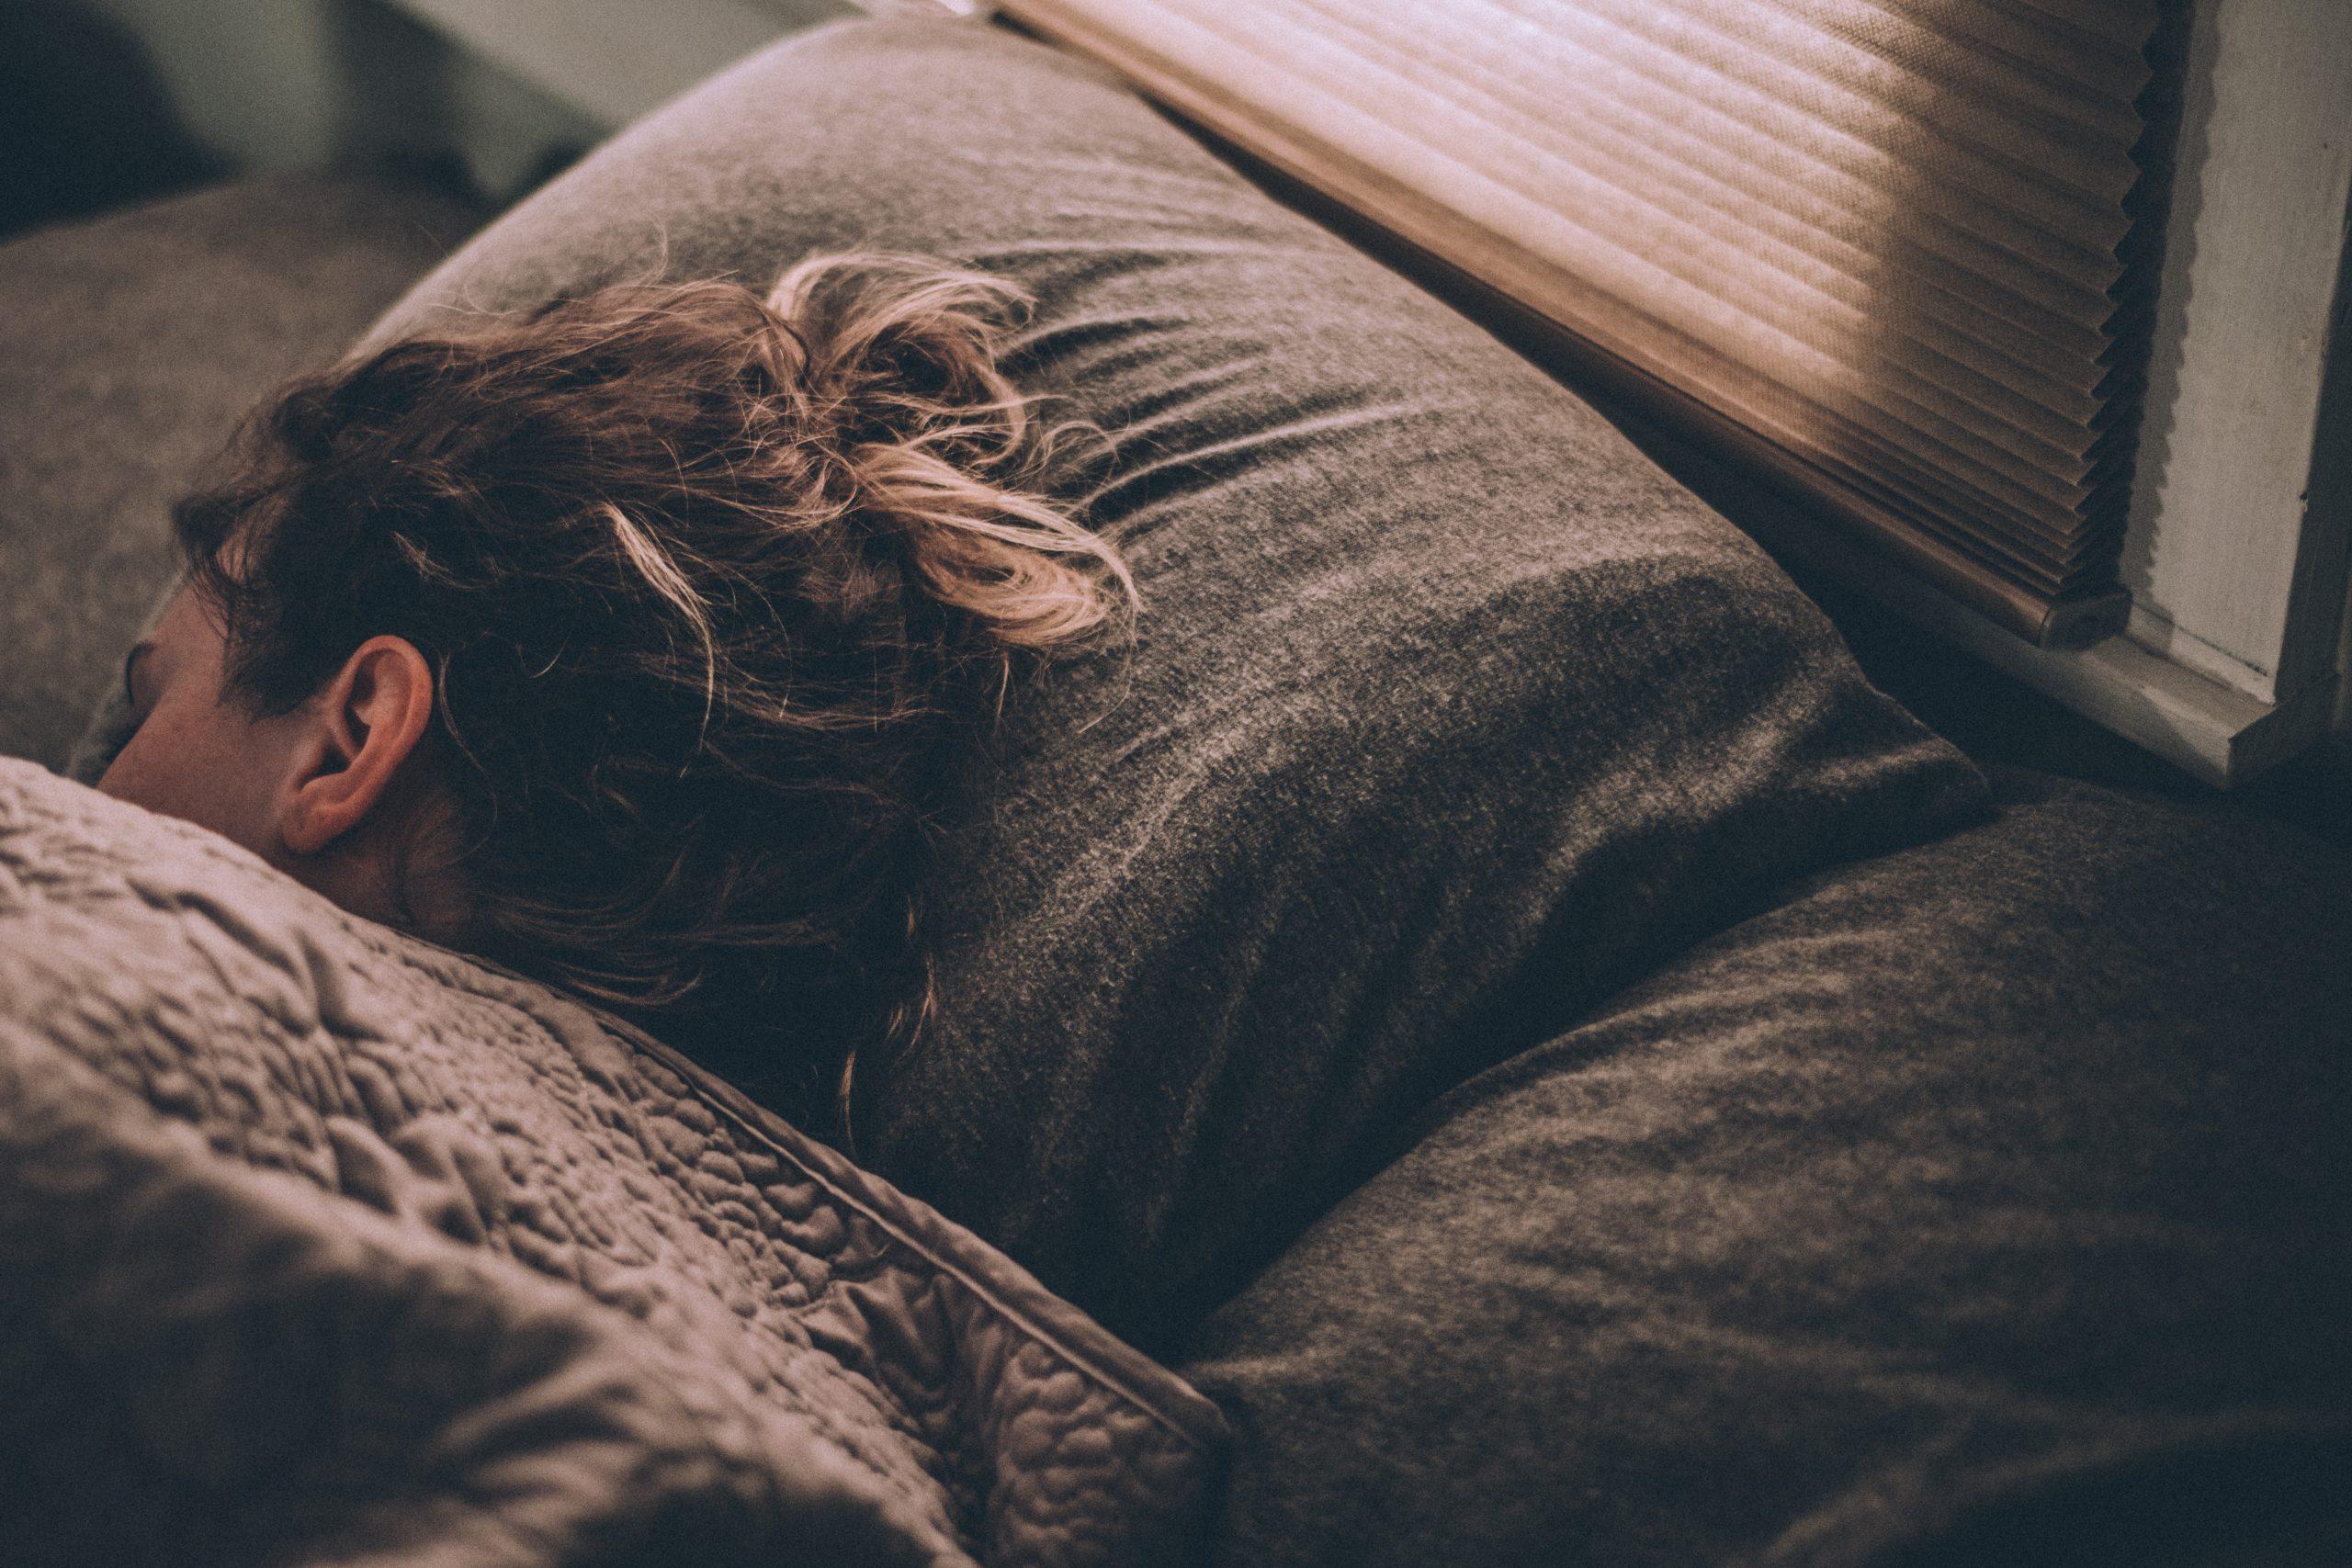 chica durmiendo con almohada